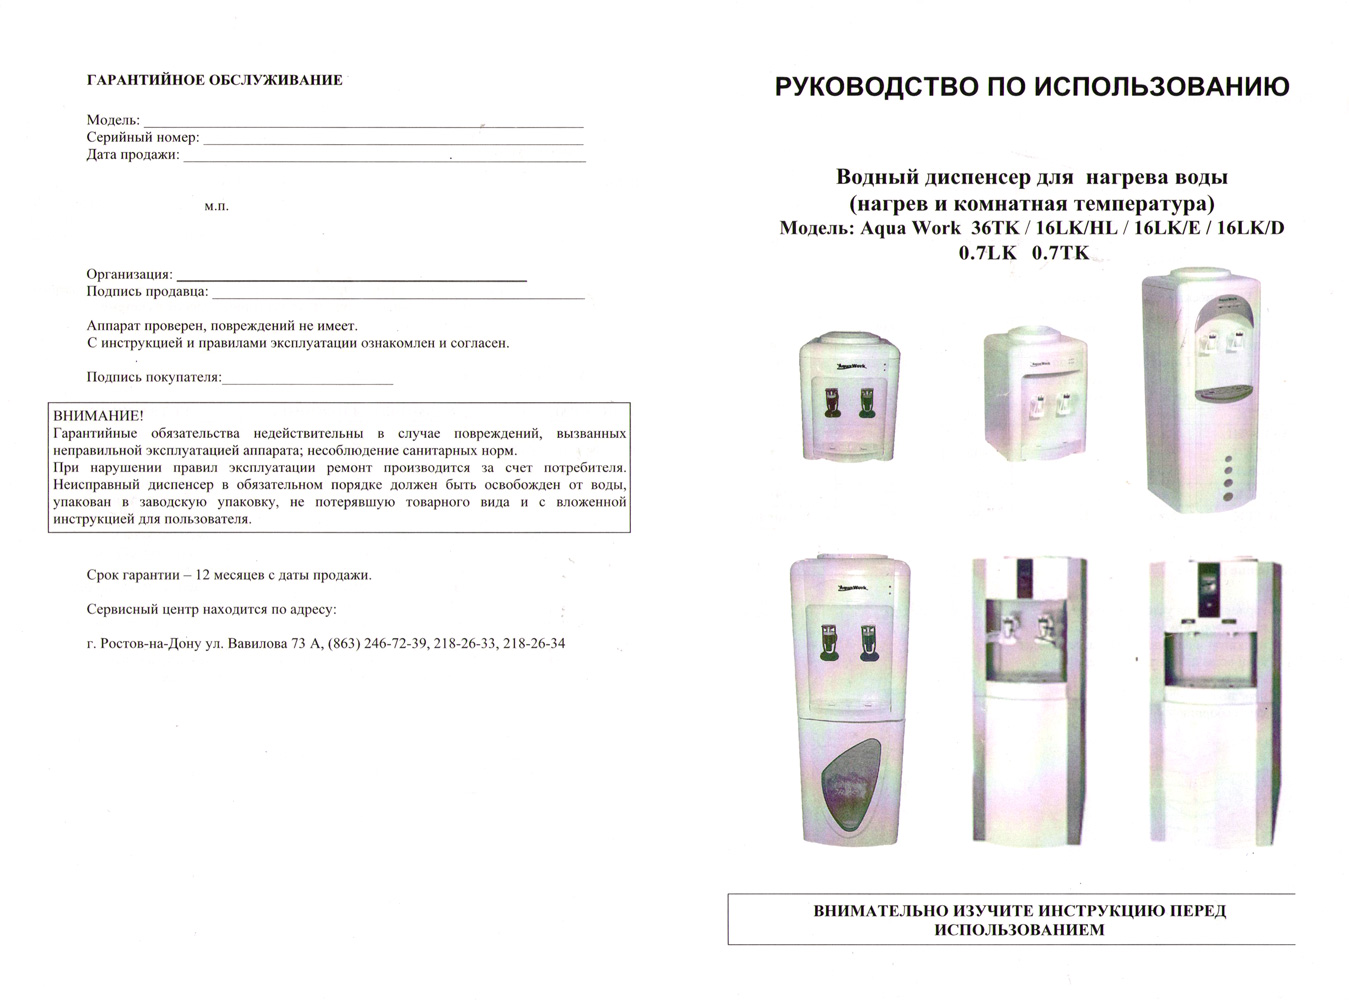 кулер Aqua Work 0.7-LK паспорт